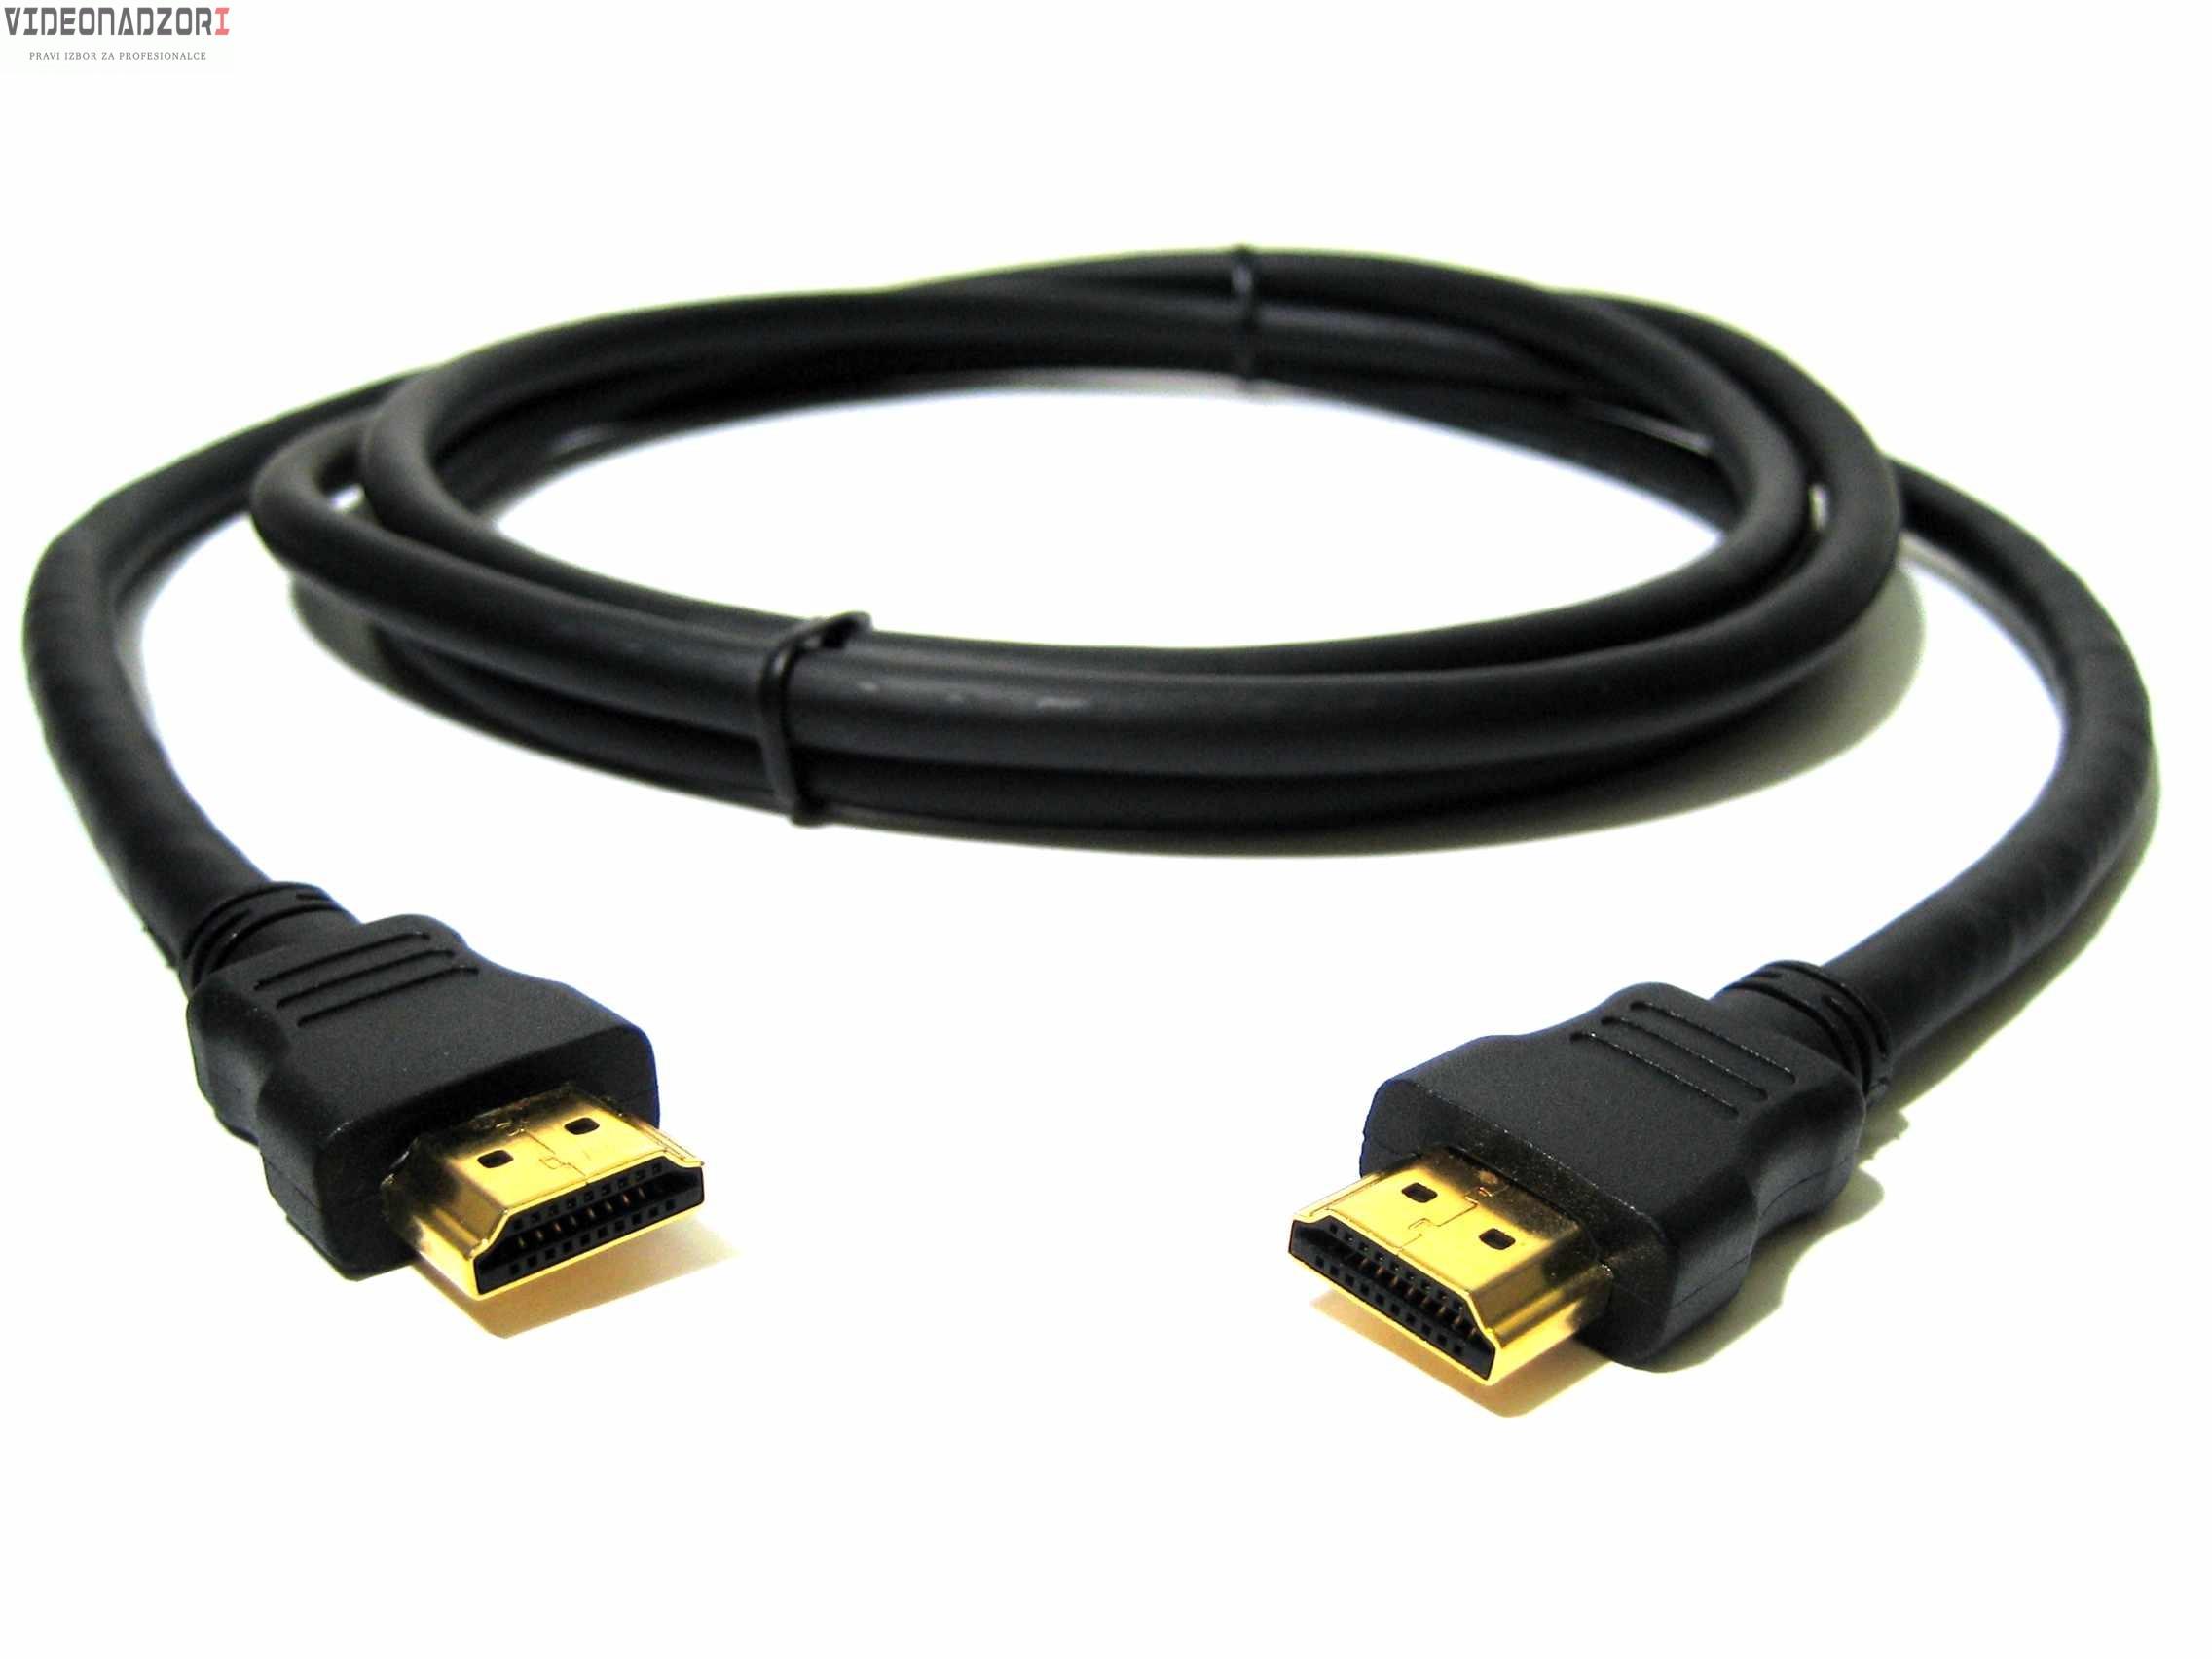 HDMI/HDMI KABEL (A-A) 3m prodavac VideoNadzori Hrvatska  za samo 68,75kn